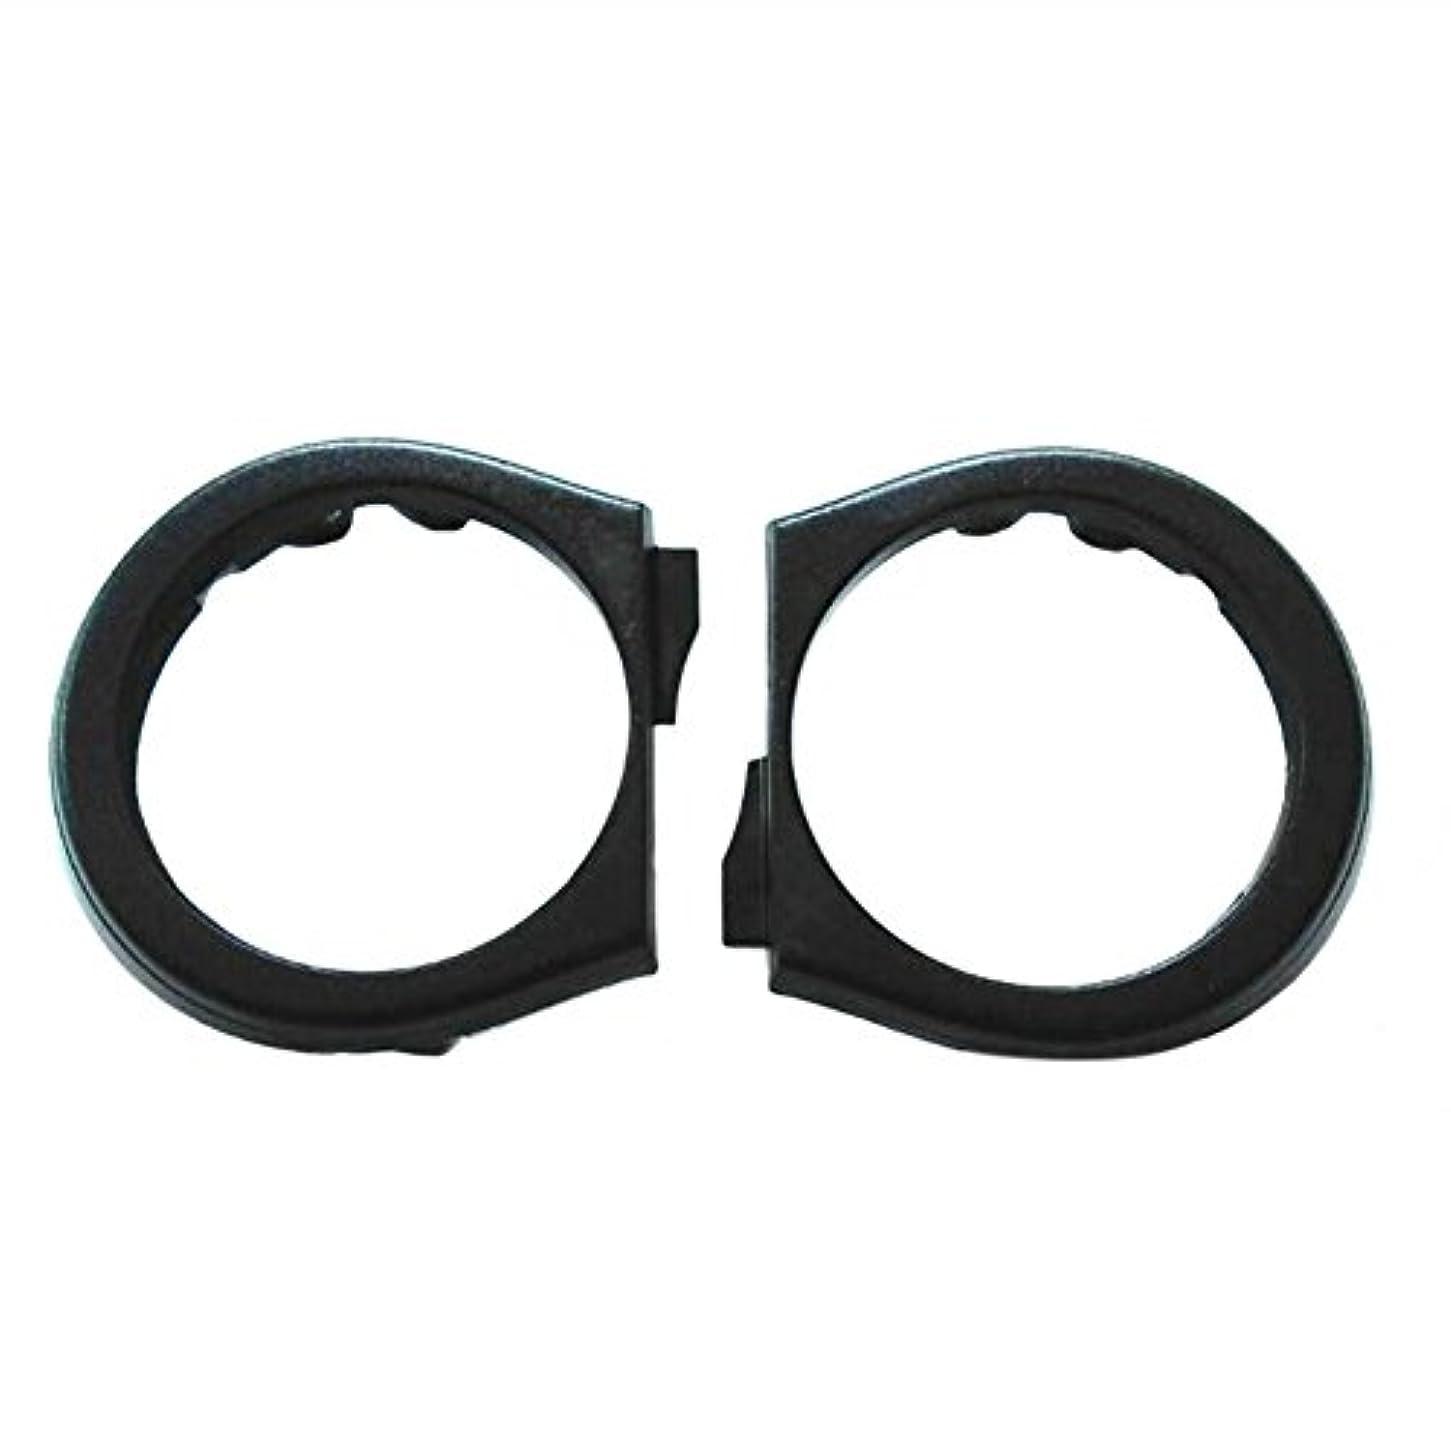 不可能な保持する誕生HZjundasi 2x Replacement シェーバー剃刀ヘッドアクセサリー Ring for Philips HQ912/914/915